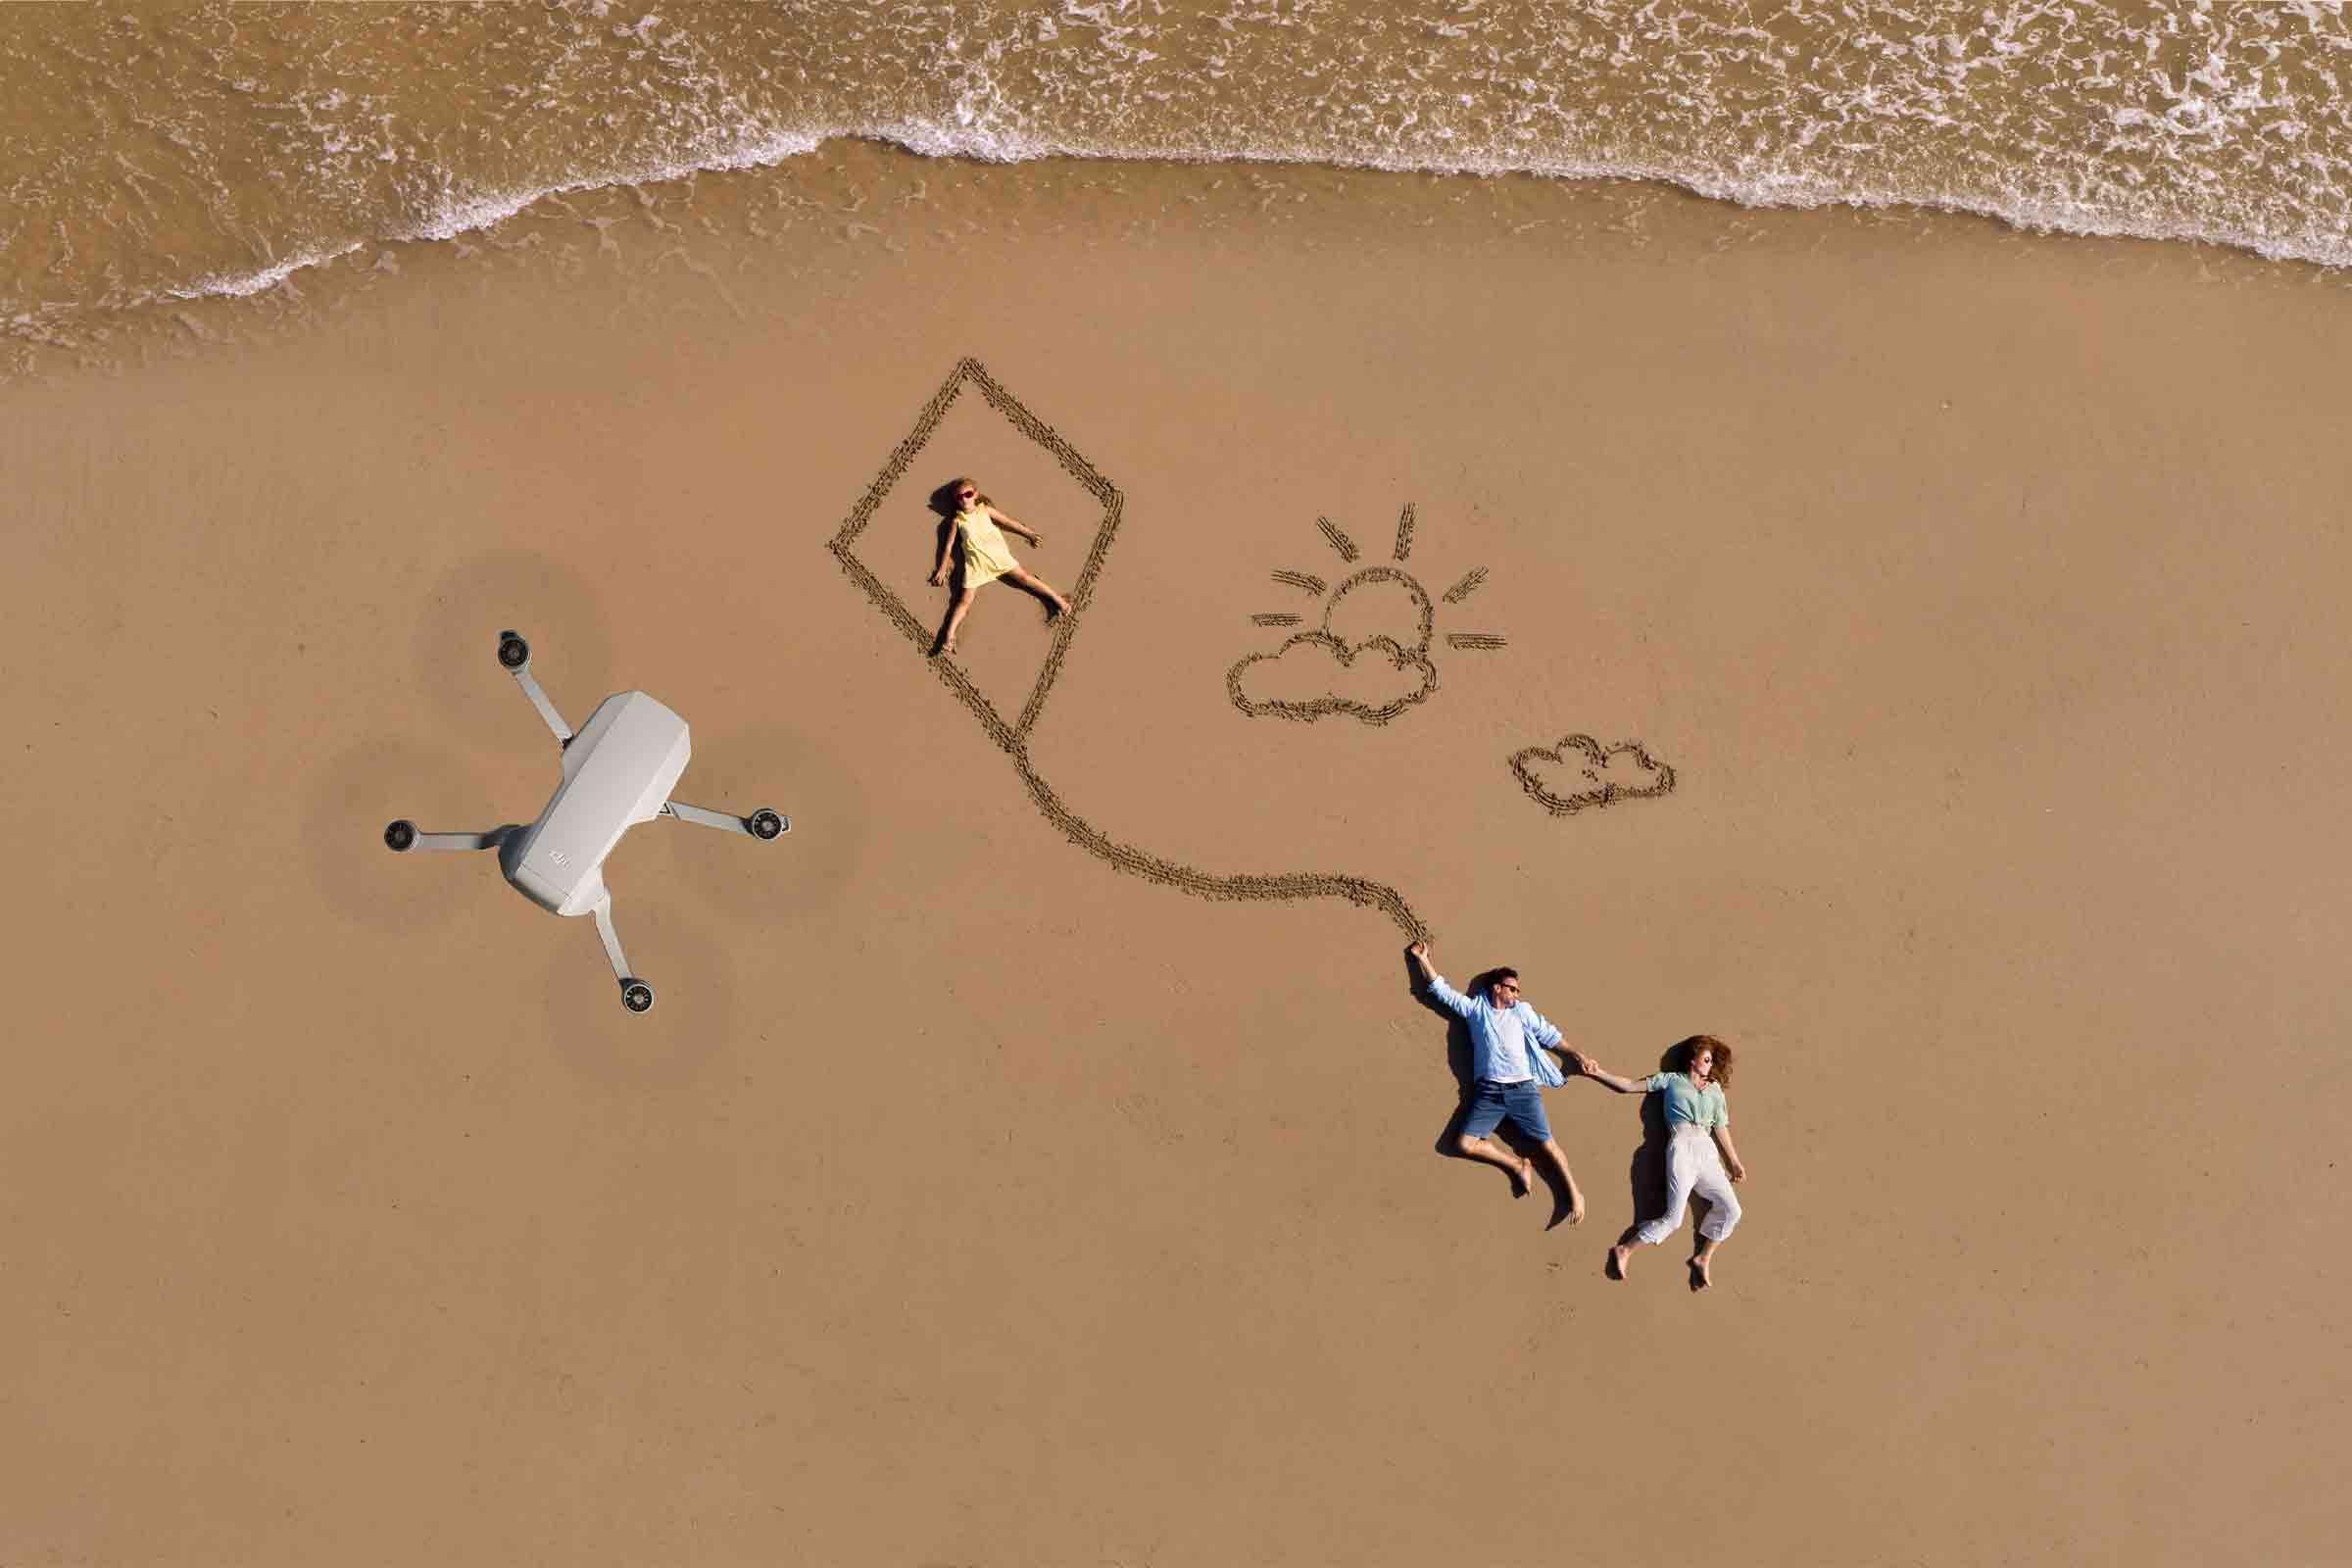 DJI Mini 2 drone flight